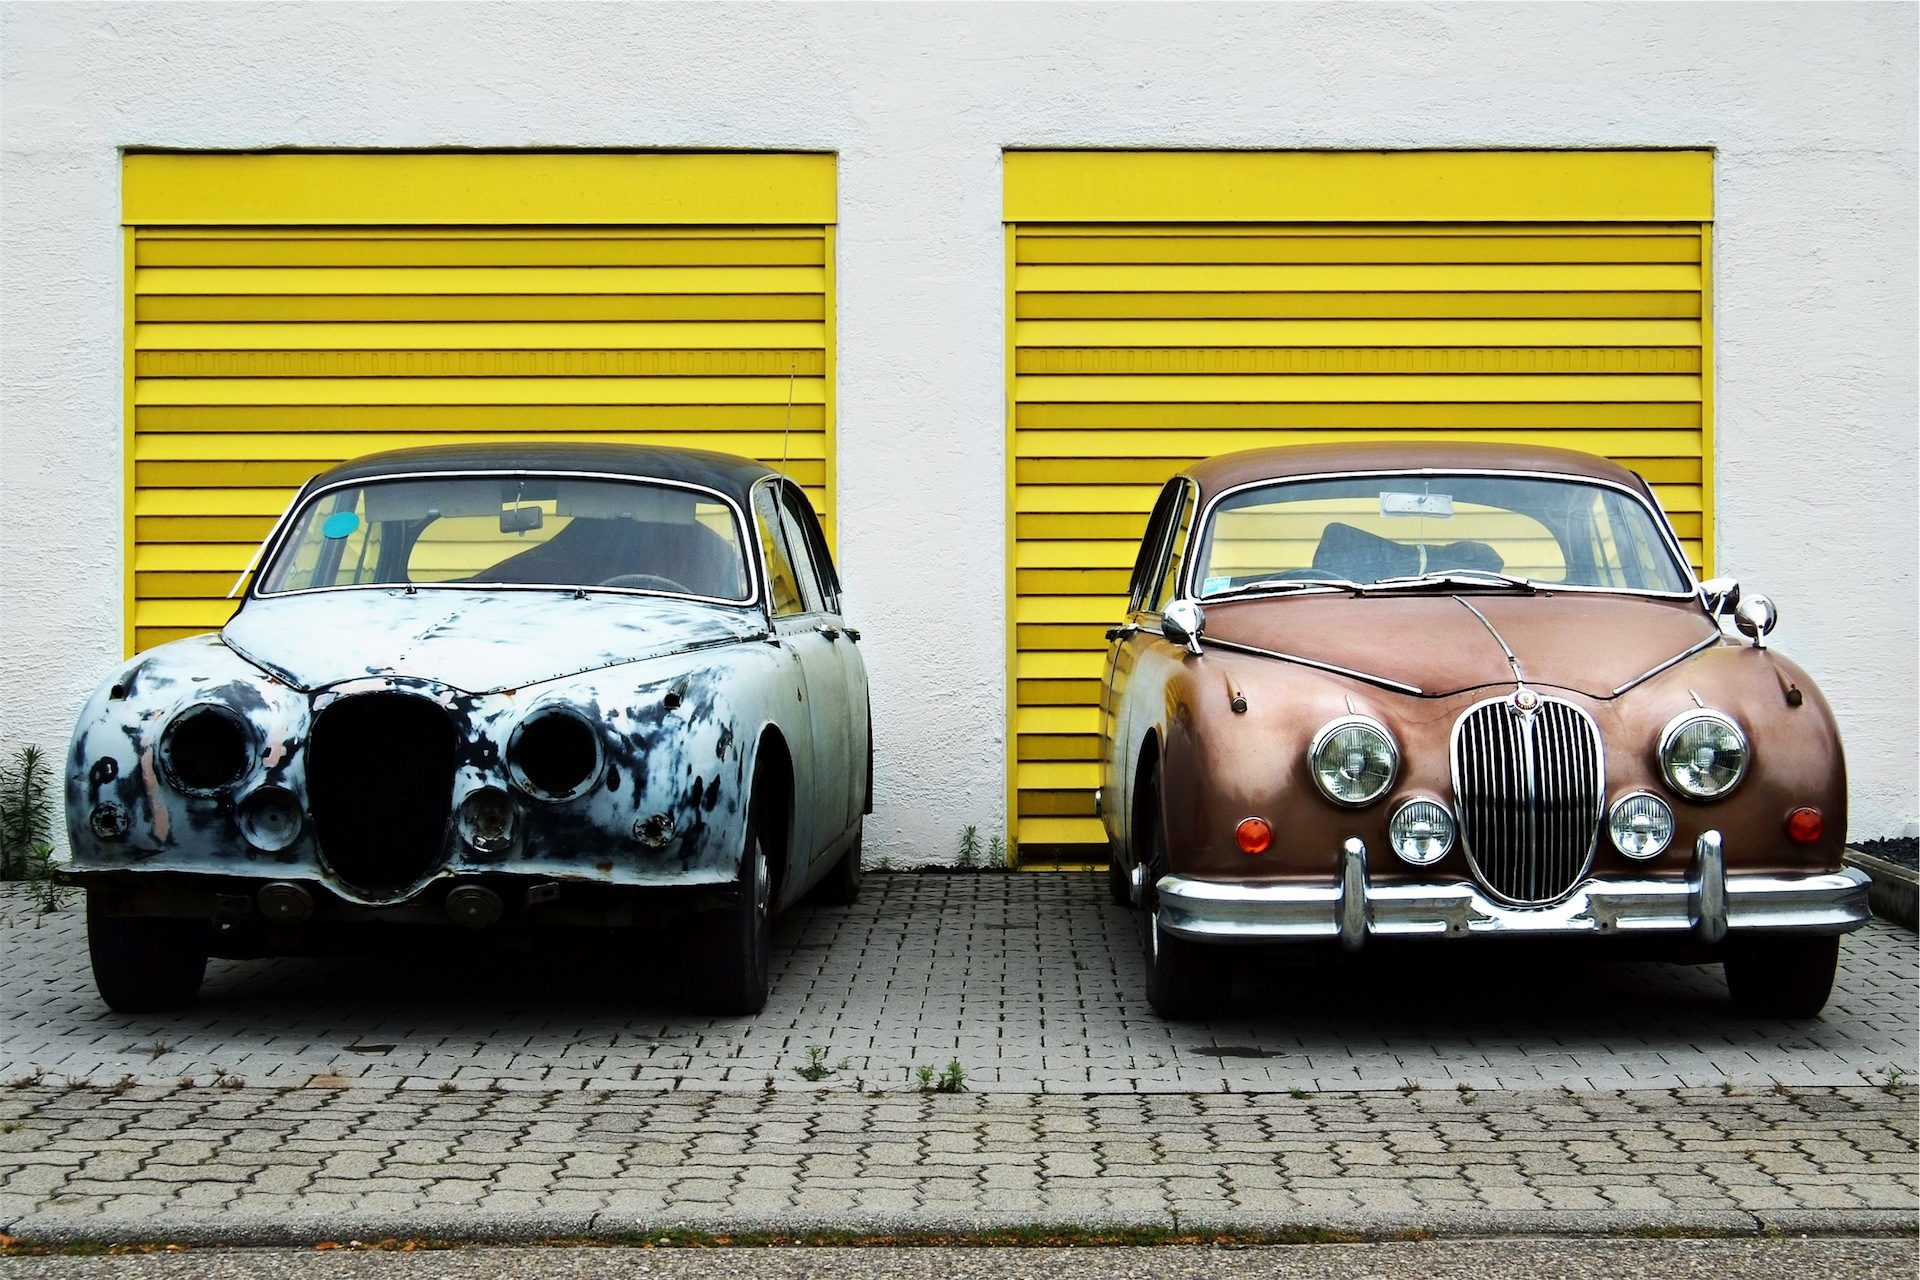 voitures, vieux, renouvelée, Vintage, Classique - Fonds d'écran HD - Professor-falken.com